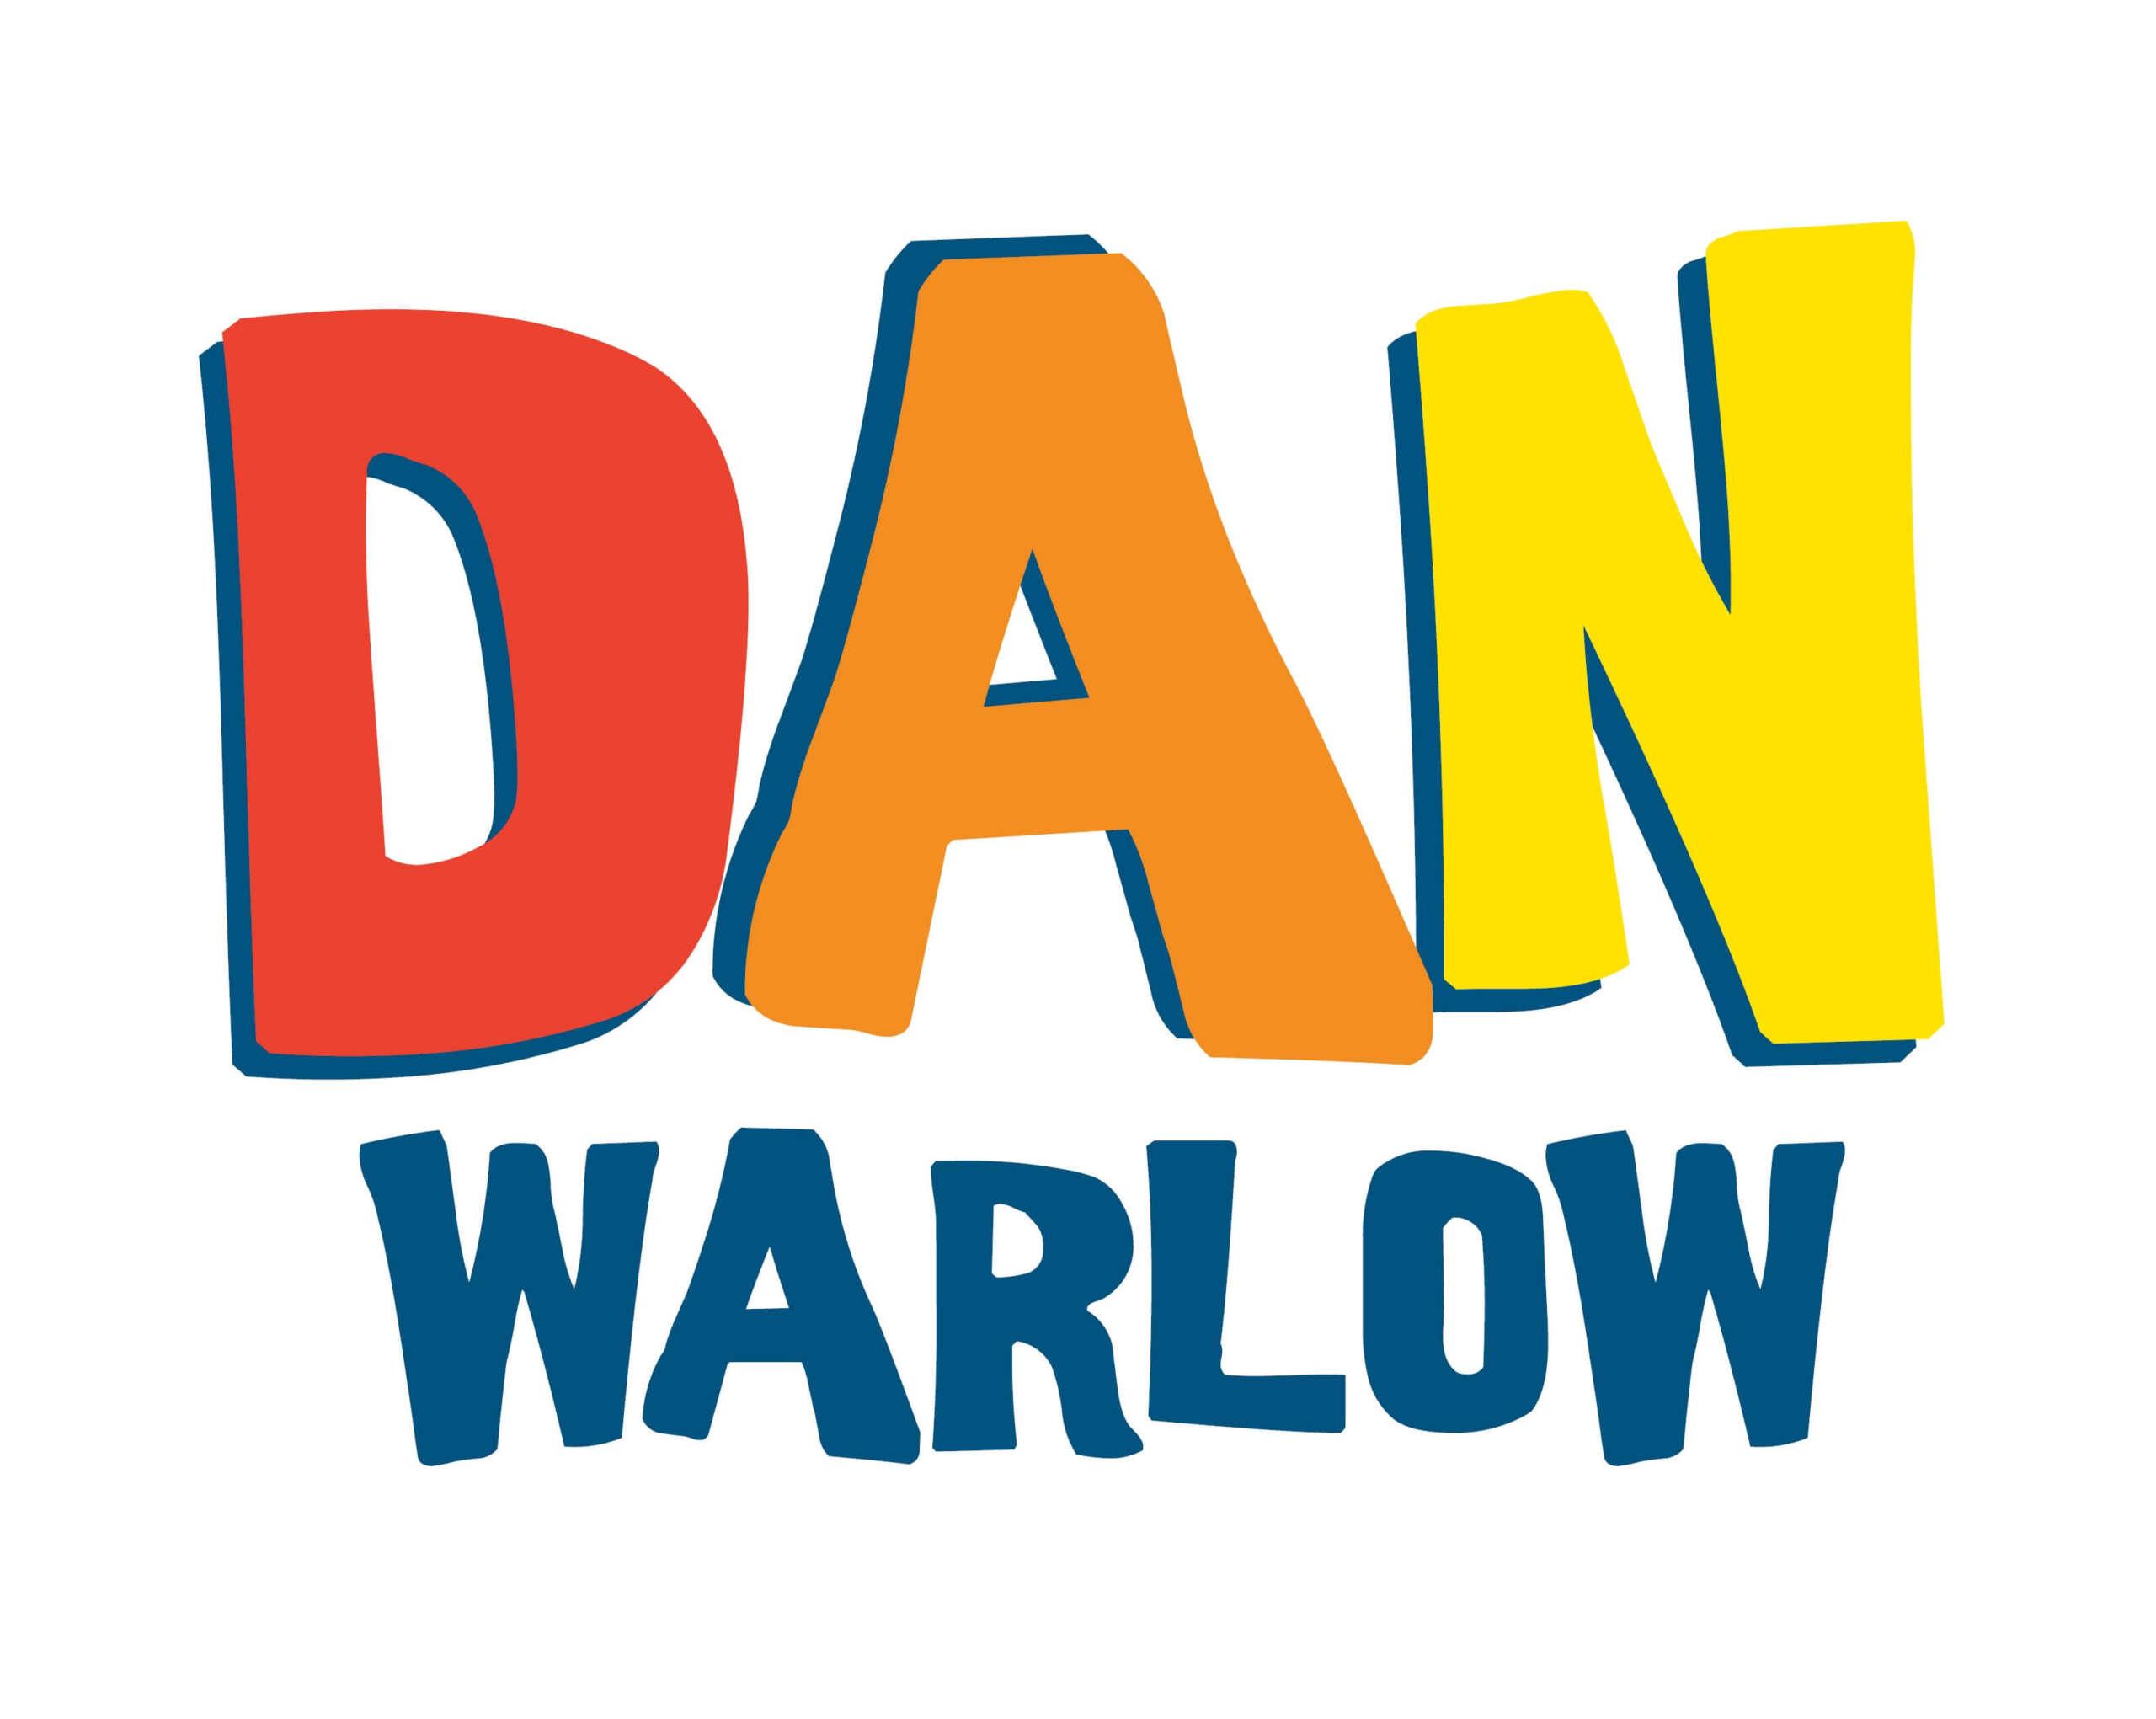 Dan Warlow logo